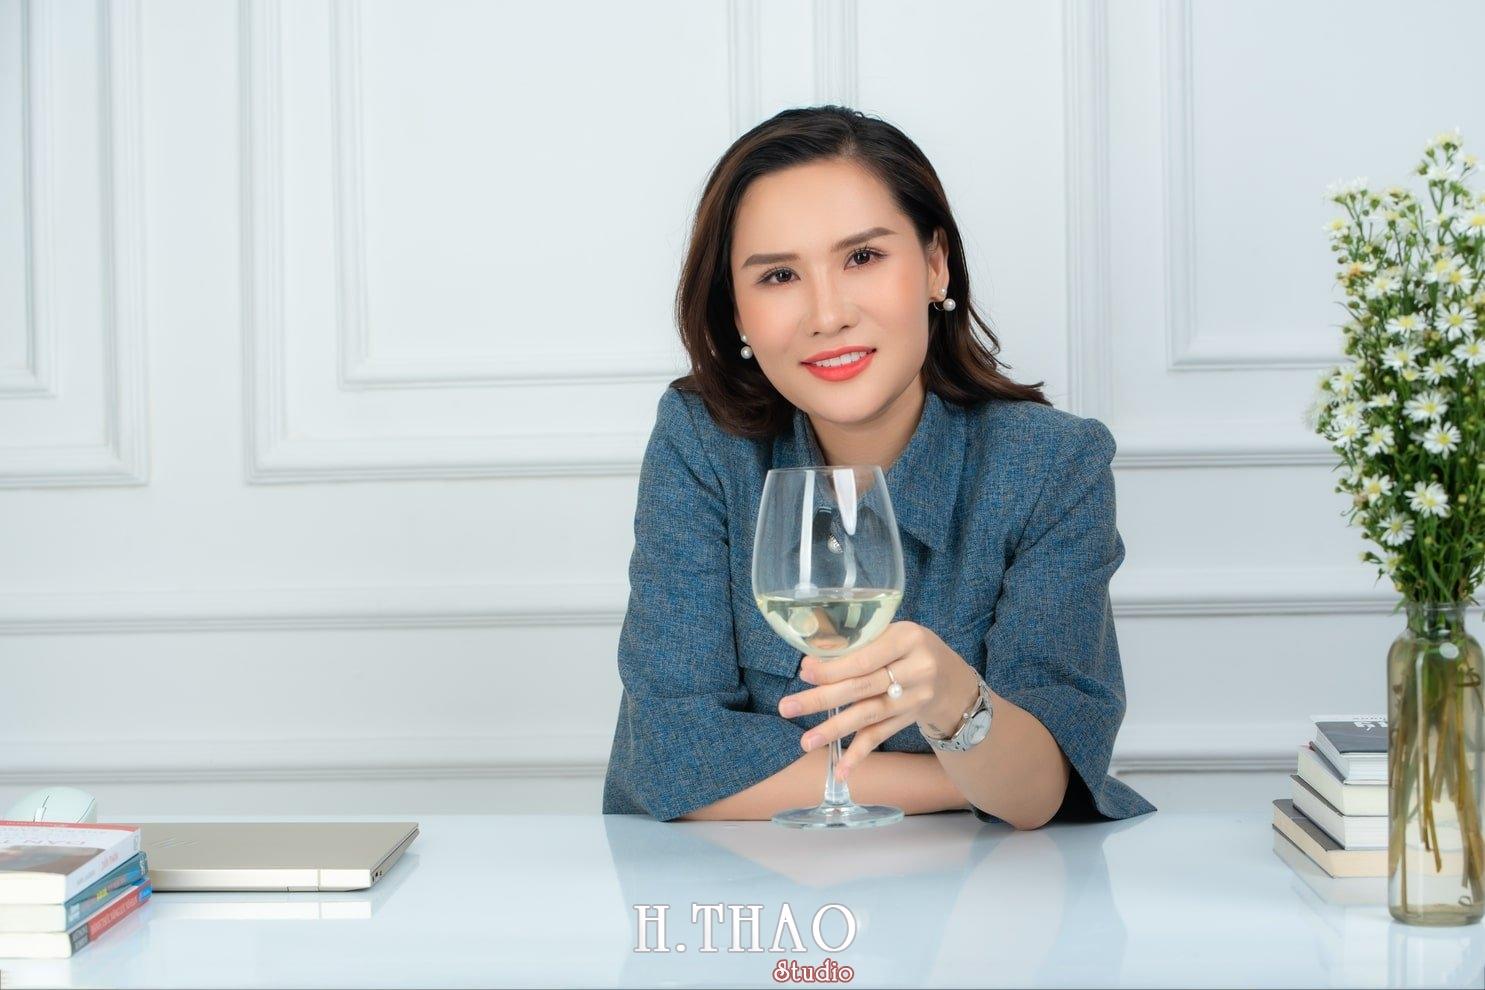 Doanh nhan nu 8 - Ảnh nữ doanh nhân bất động sản, phó TGĐ Express Ms.Nho – HThao Studio